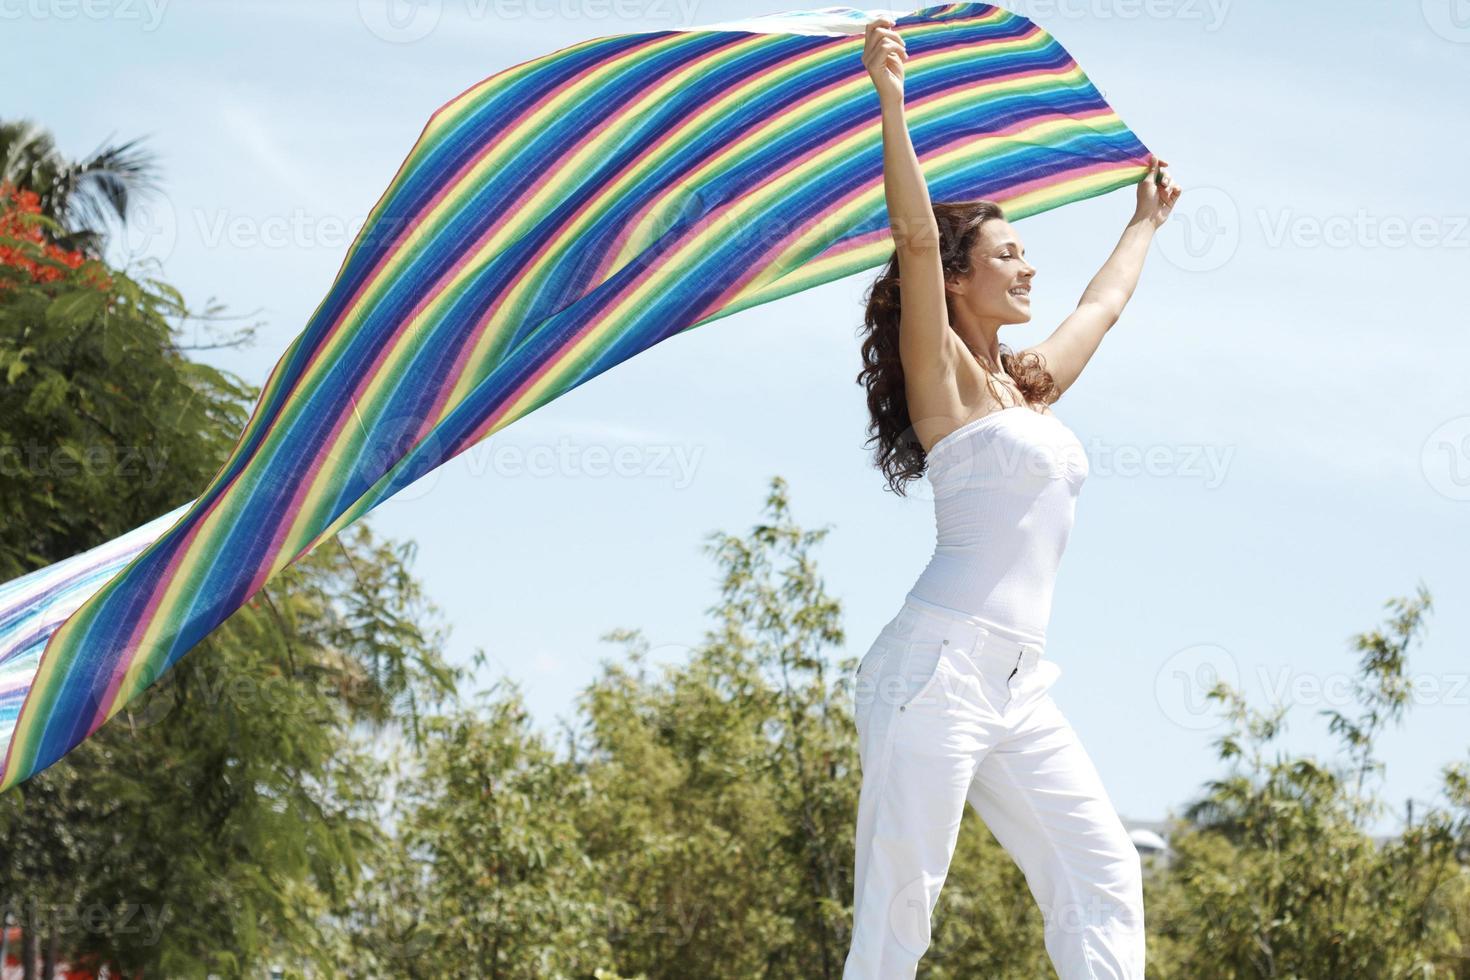 despreocupada fêmea segurando o pano colorido foto